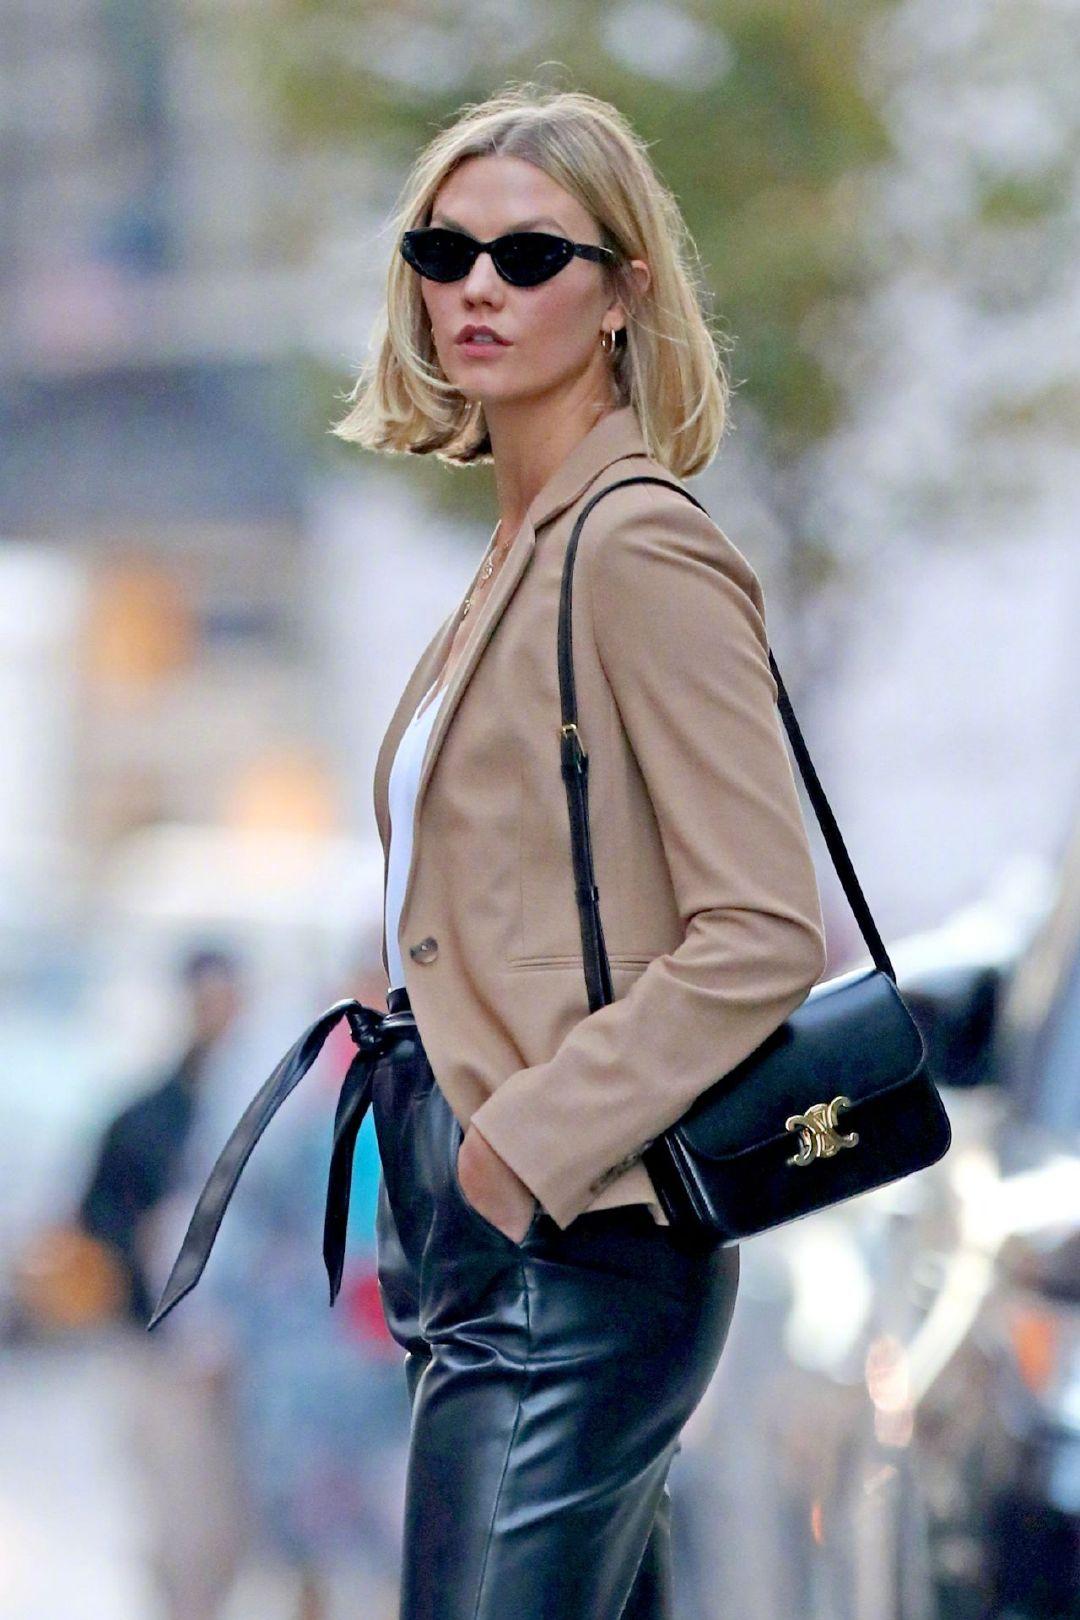 Karlie Kloss 纽约街拍,K姐皮裤look好飒啊~